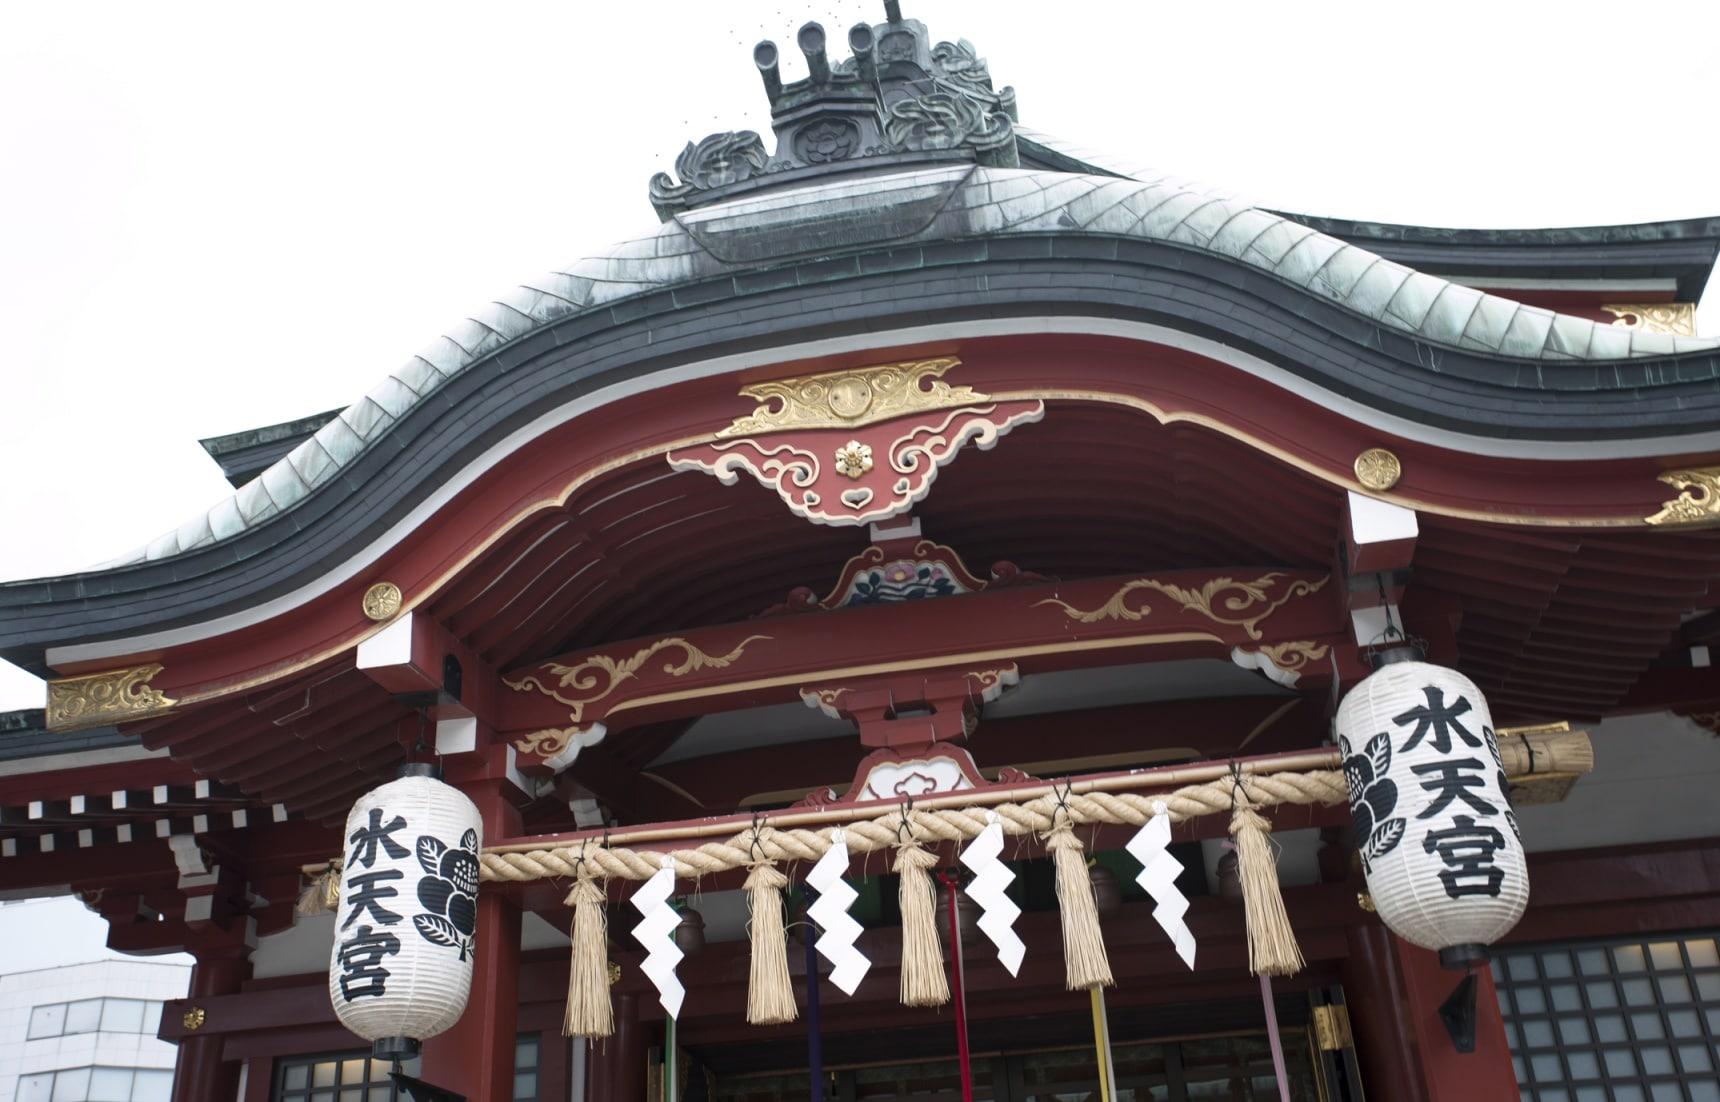 遍布日本各地的神社——水天宫